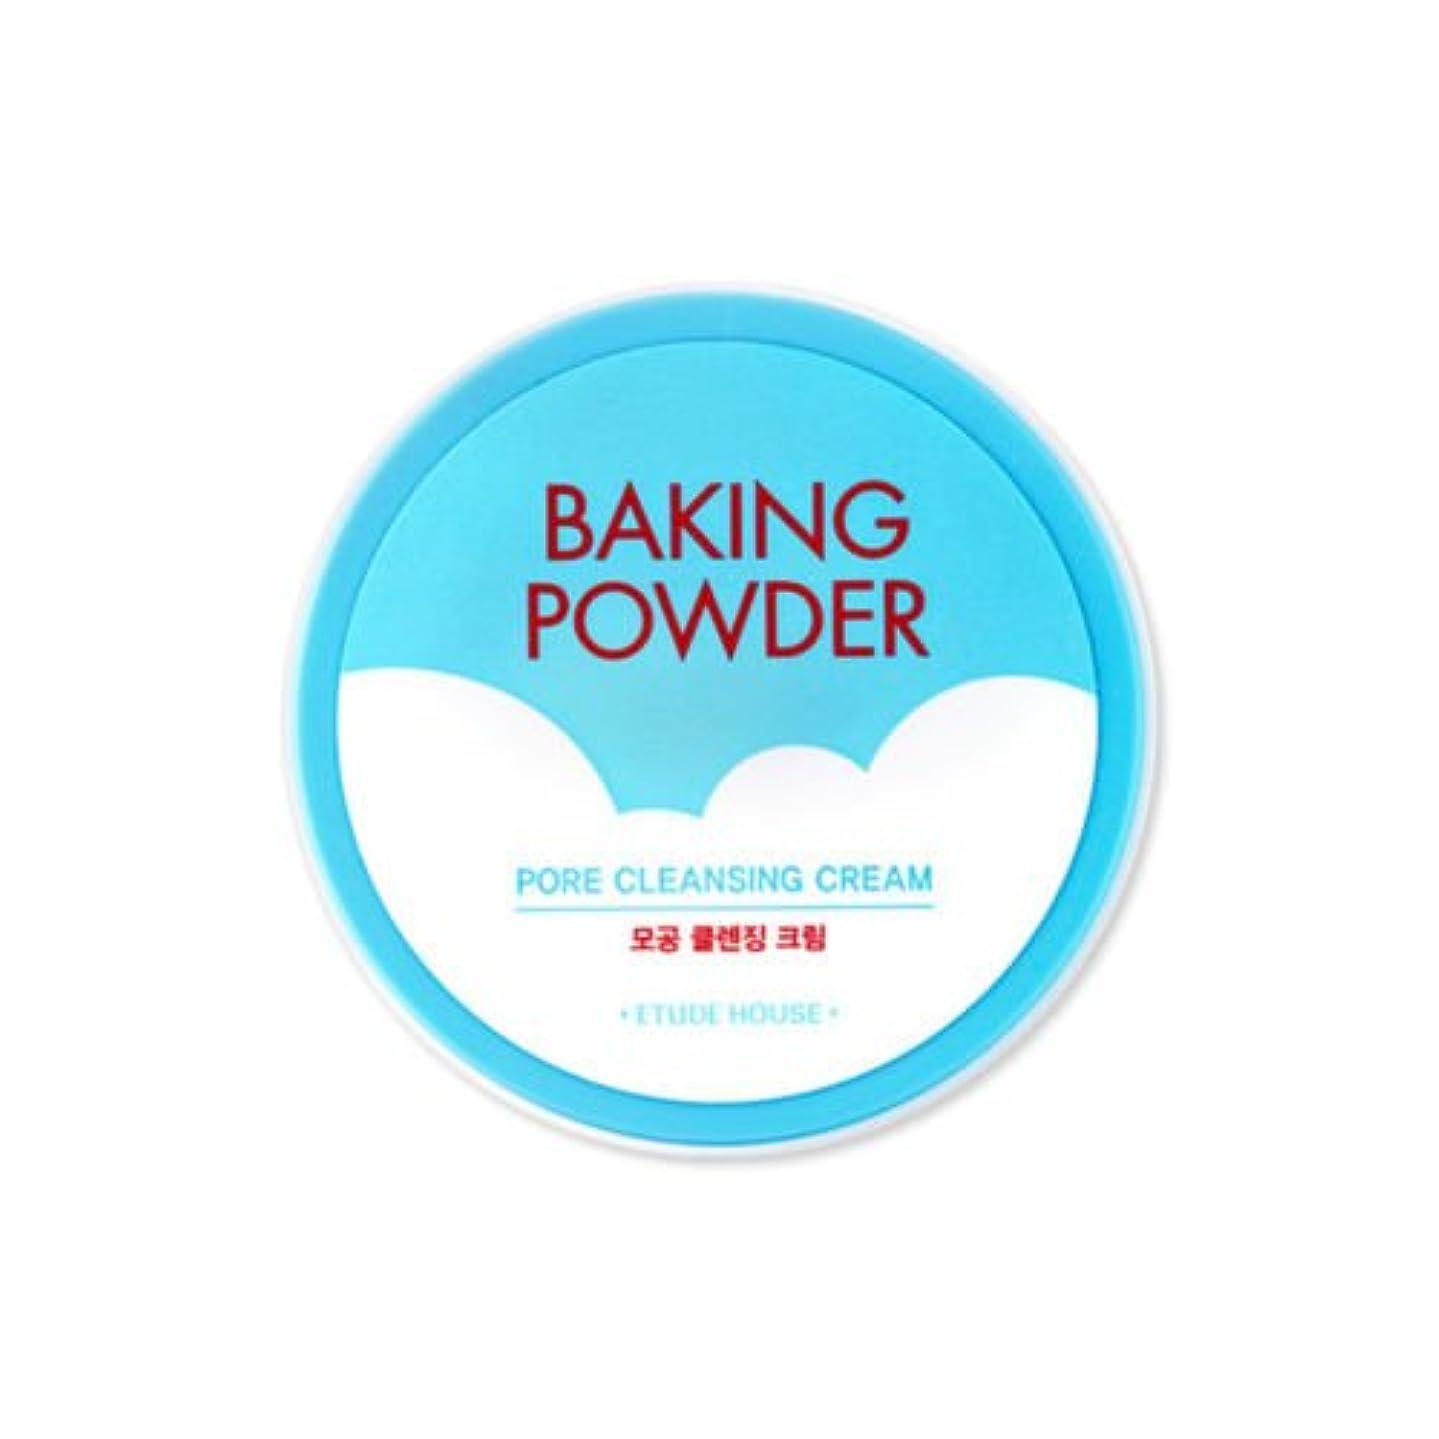 時期尚早画像剥離[2016 Upgrade!] ETUDE HOUSE Baking Powder Pore Cleansing Cream 180ml/エチュードハウス ベーキング パウダー ポア クレンジング クリーム 180ml